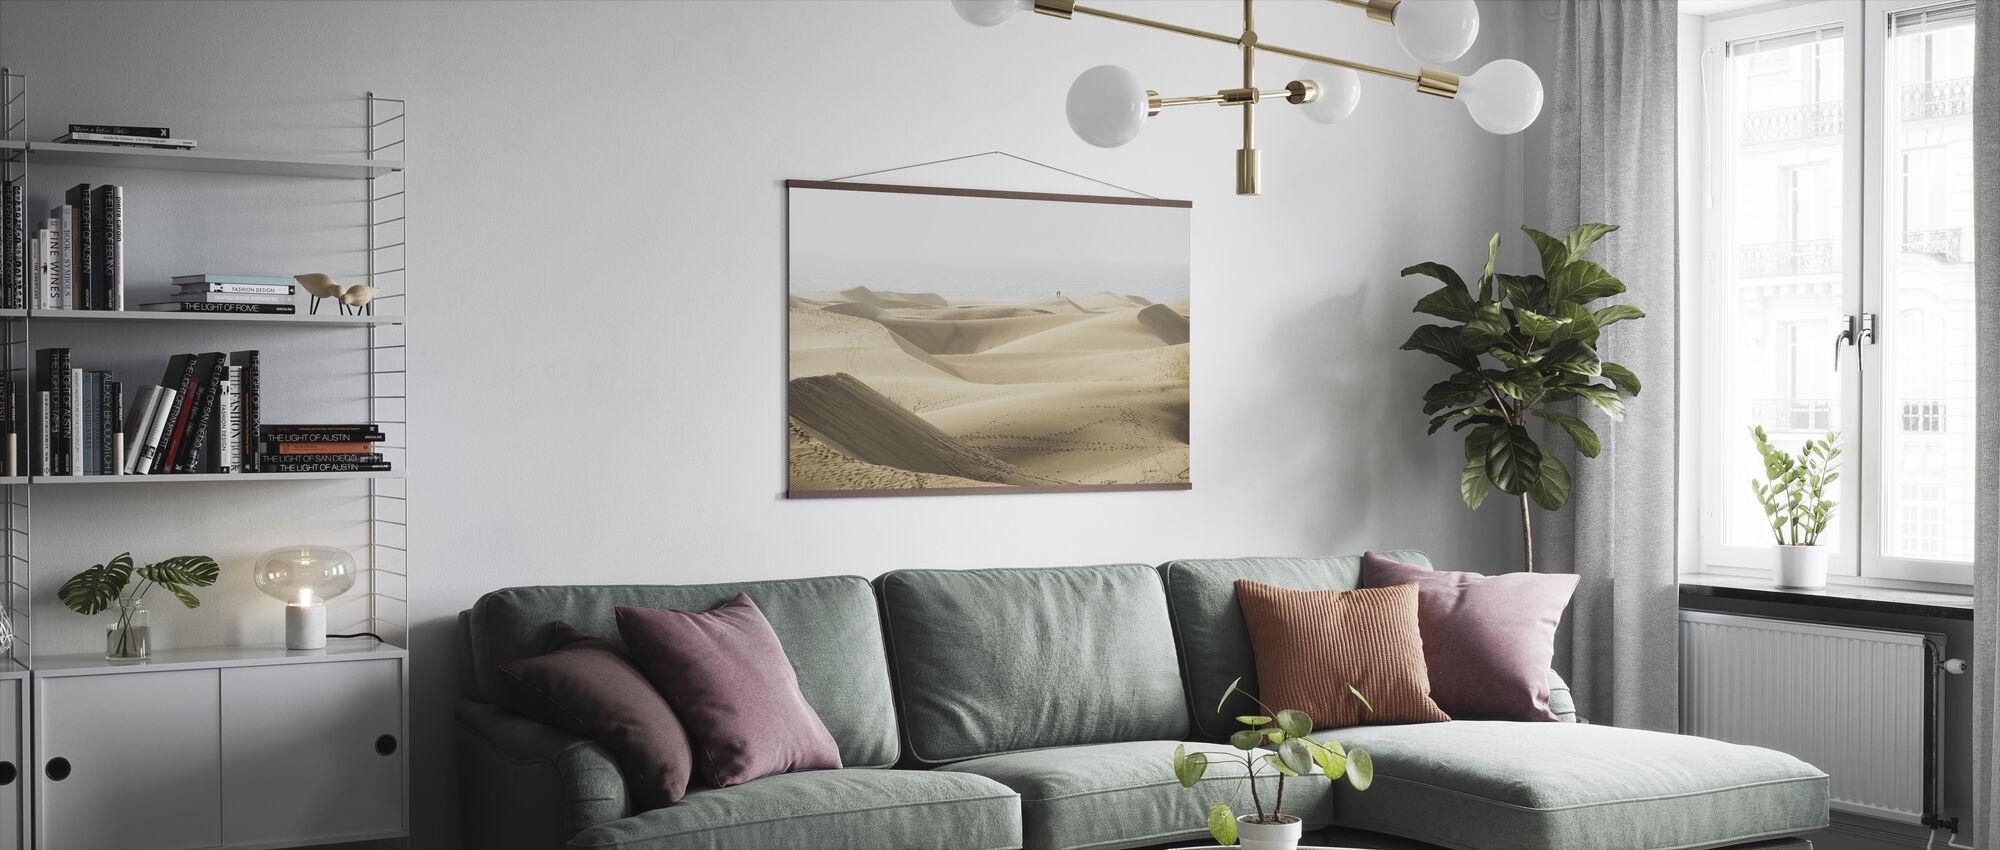 Maspolomas sanddyner - Plakat - Stue